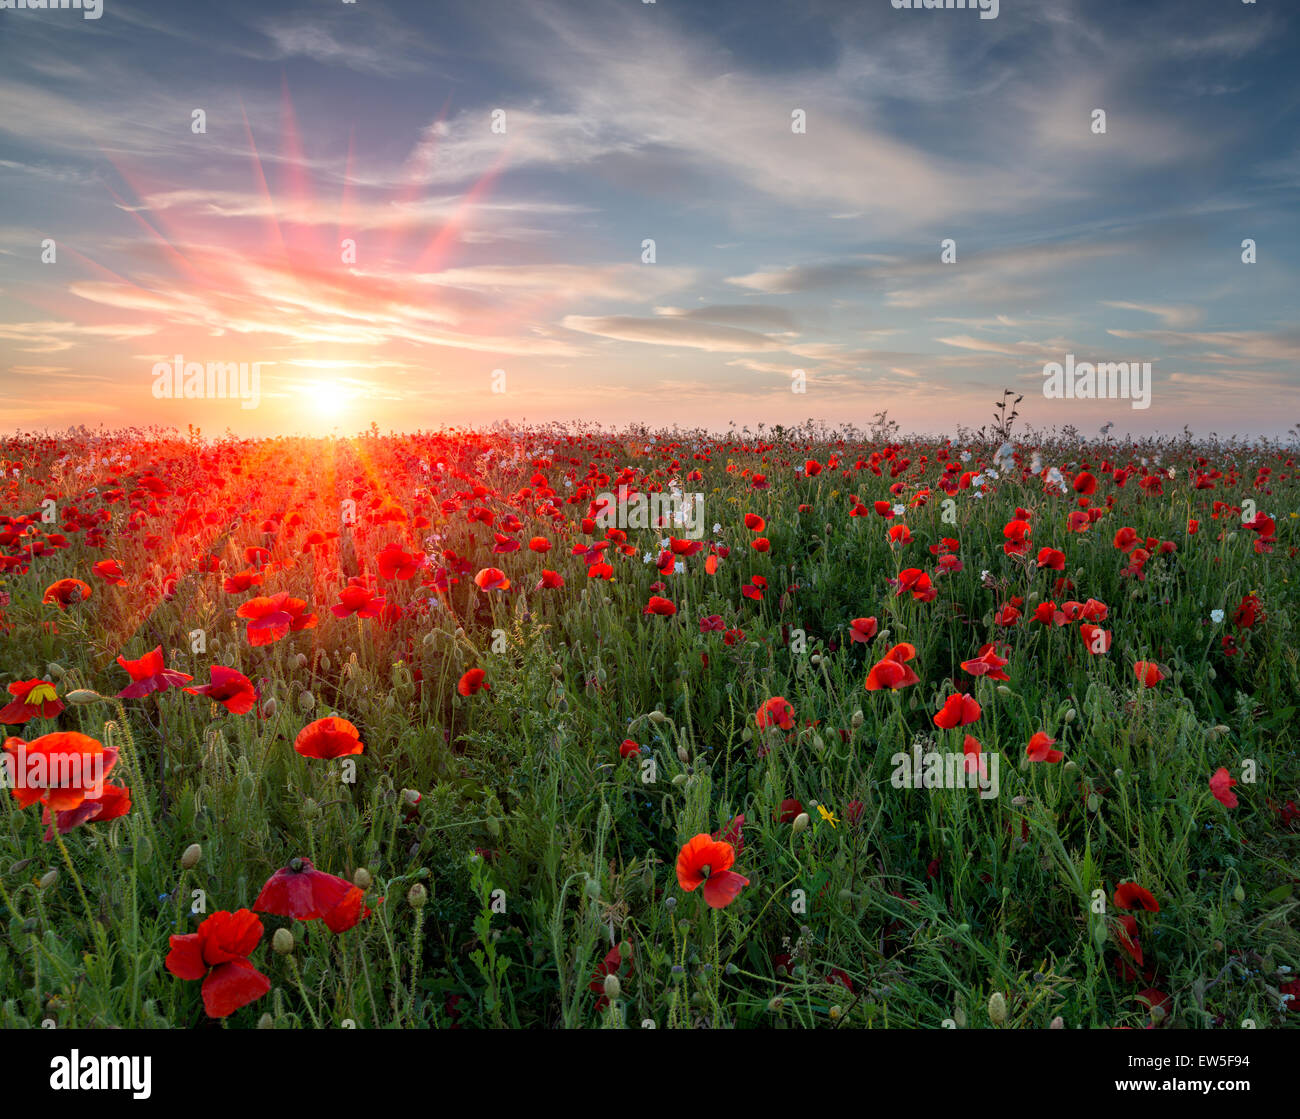 Sonnenuntergang über einem Feld von pulsierenden roten Mohnblumen und Wildblumen Stockbild